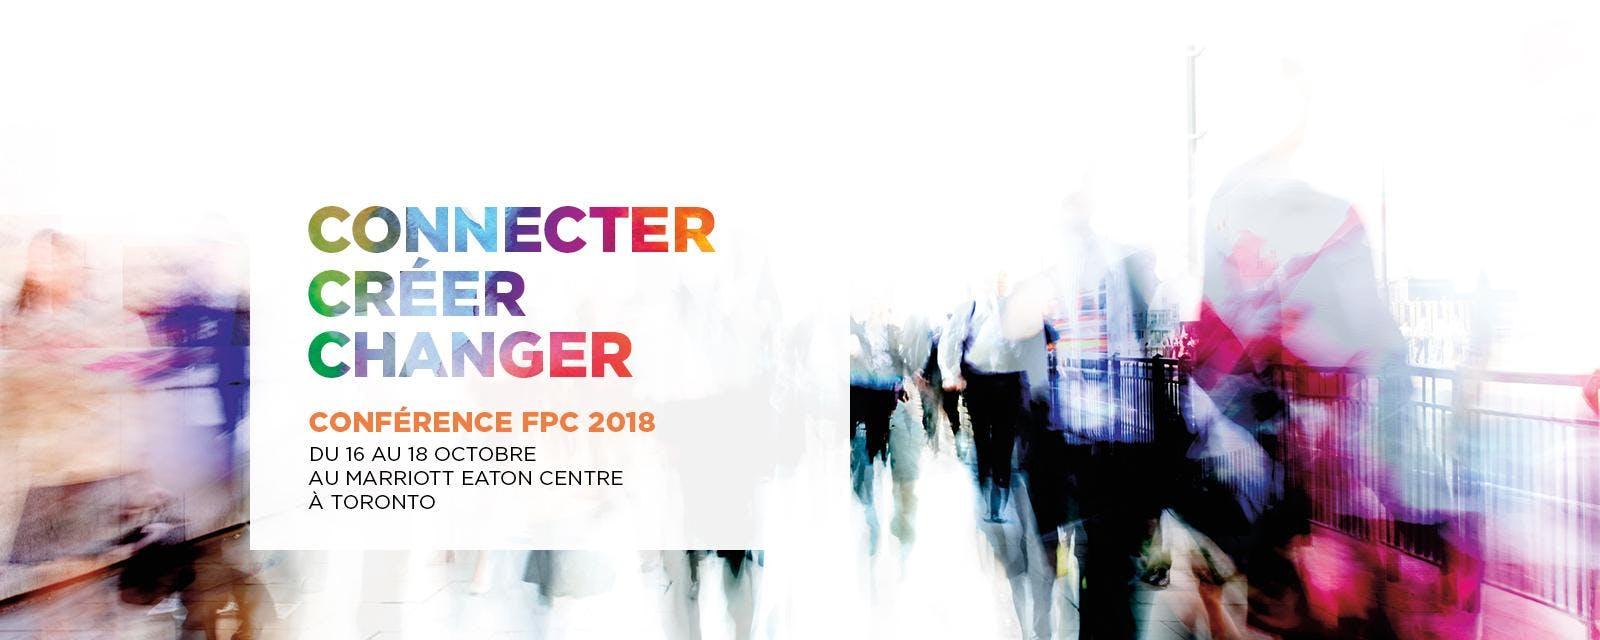 Conférence 2018 de FPC